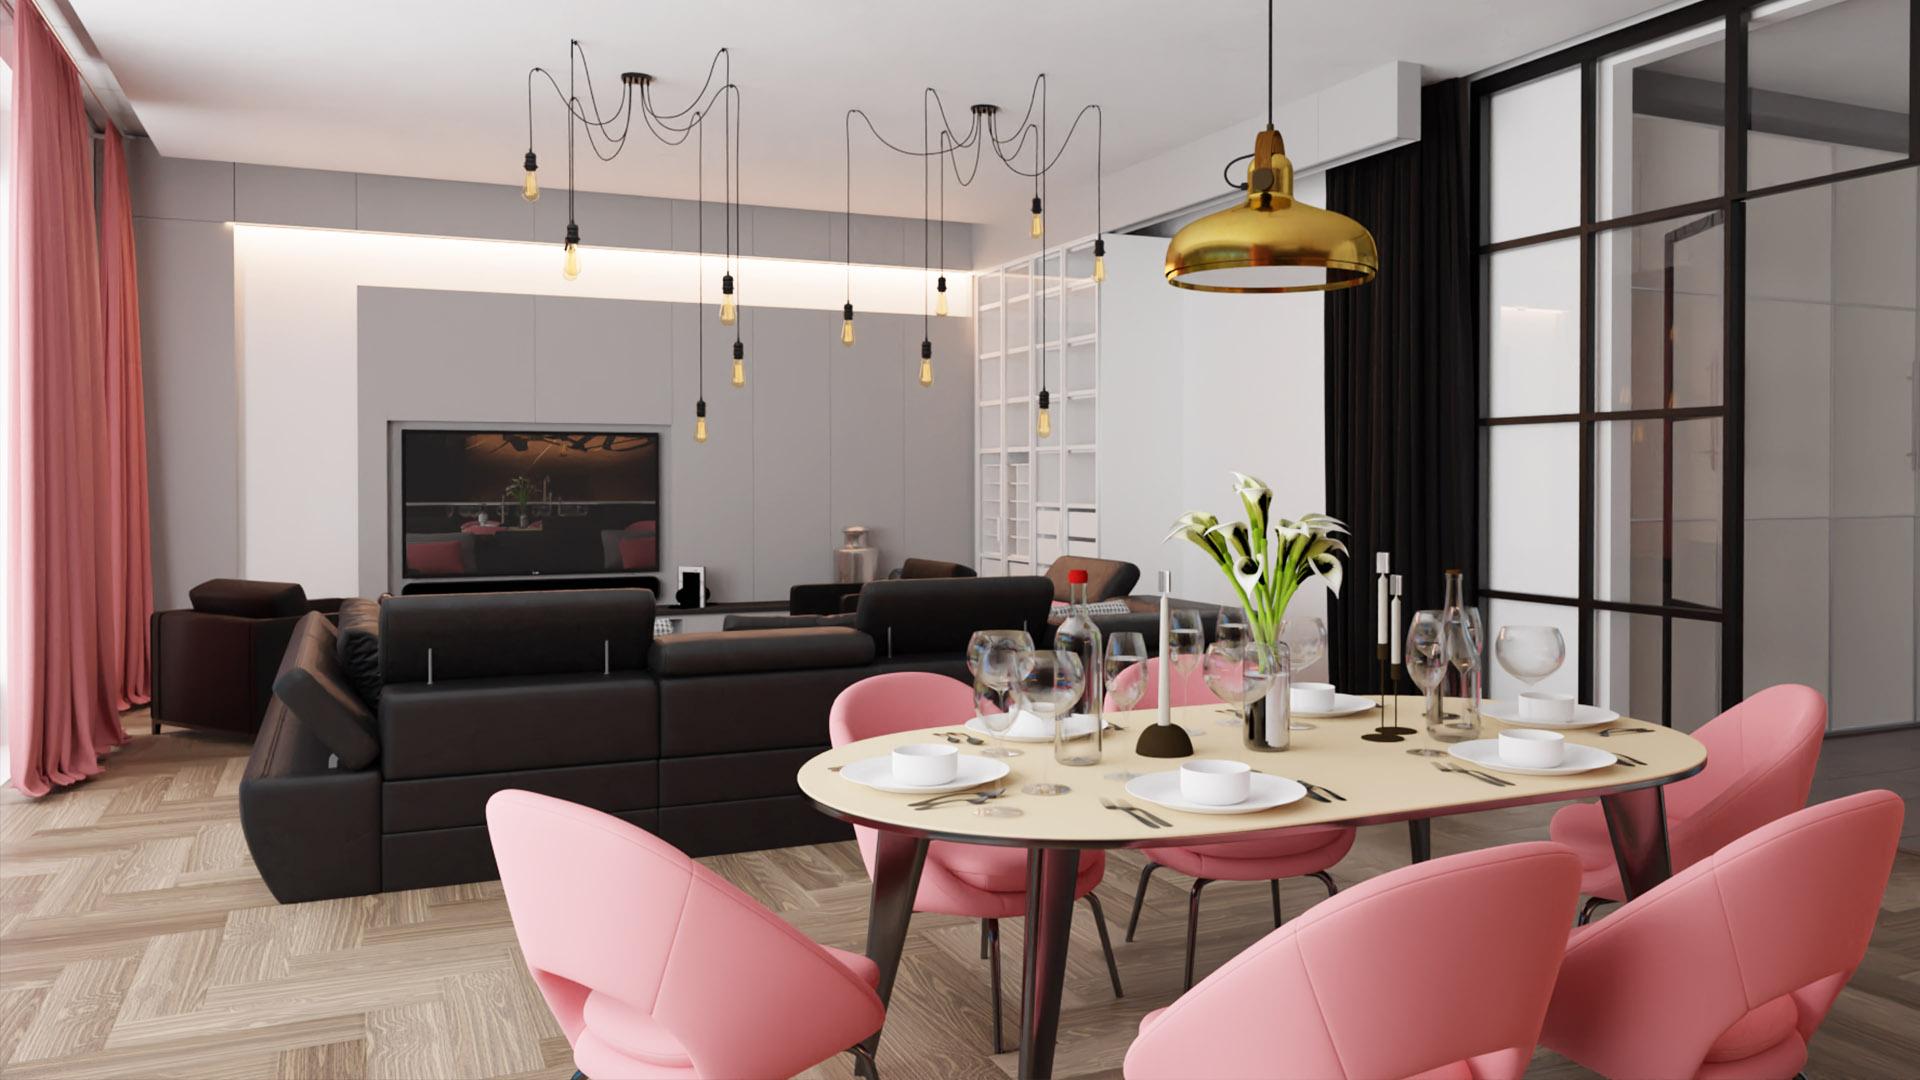 wizualizacje wnętrz 3D salonu i kuchni wraz z jadalnią